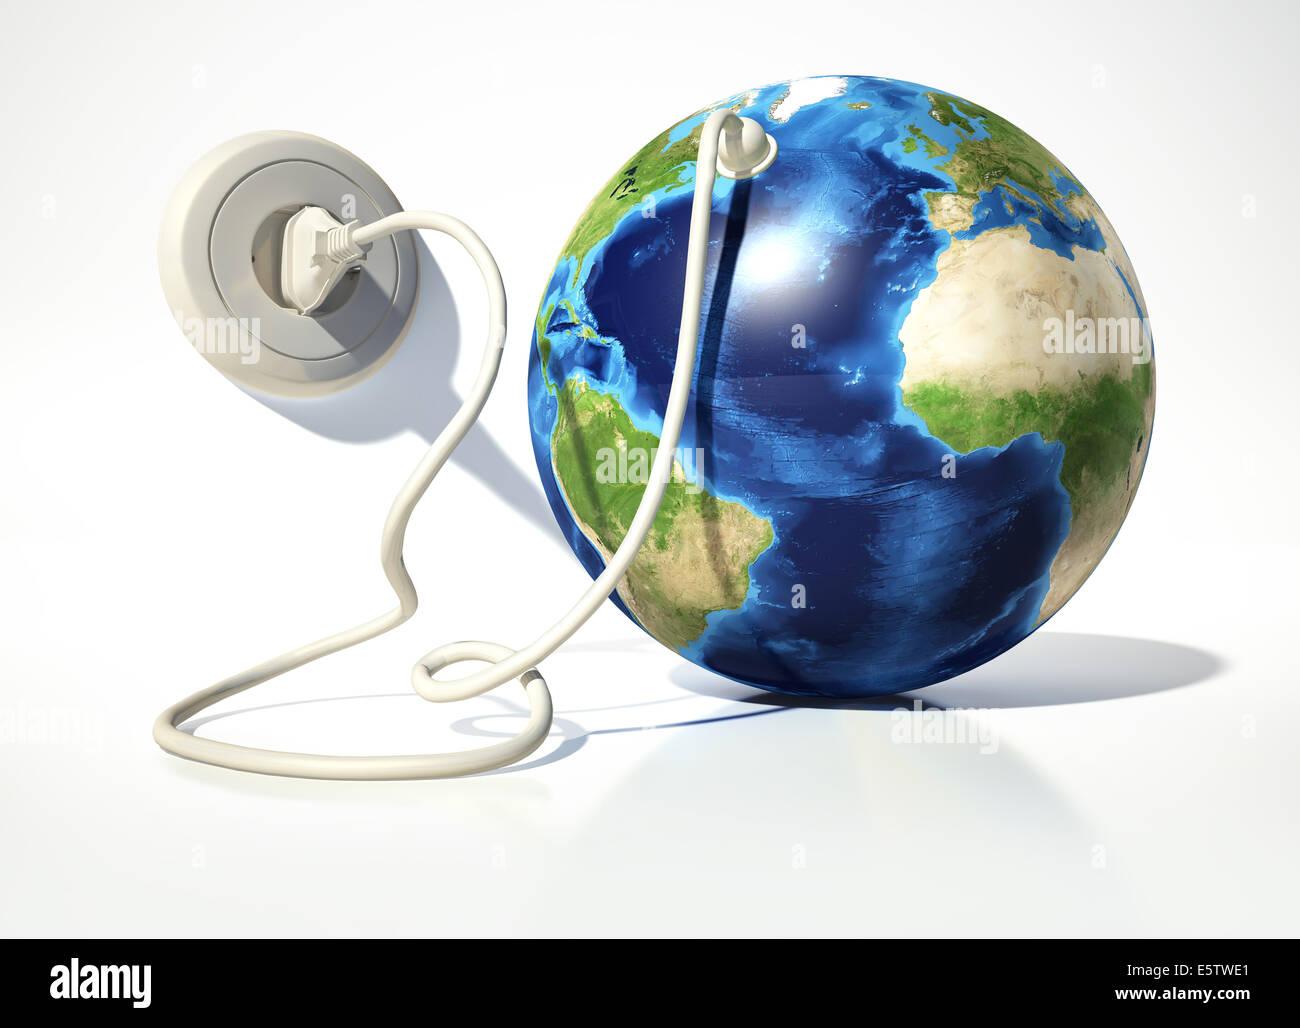 Planetenerde mit elektrischen Kabel, Stecker und Steckdose. Auf weißen Oberflächen und weißen Hintergrund. Stockbild